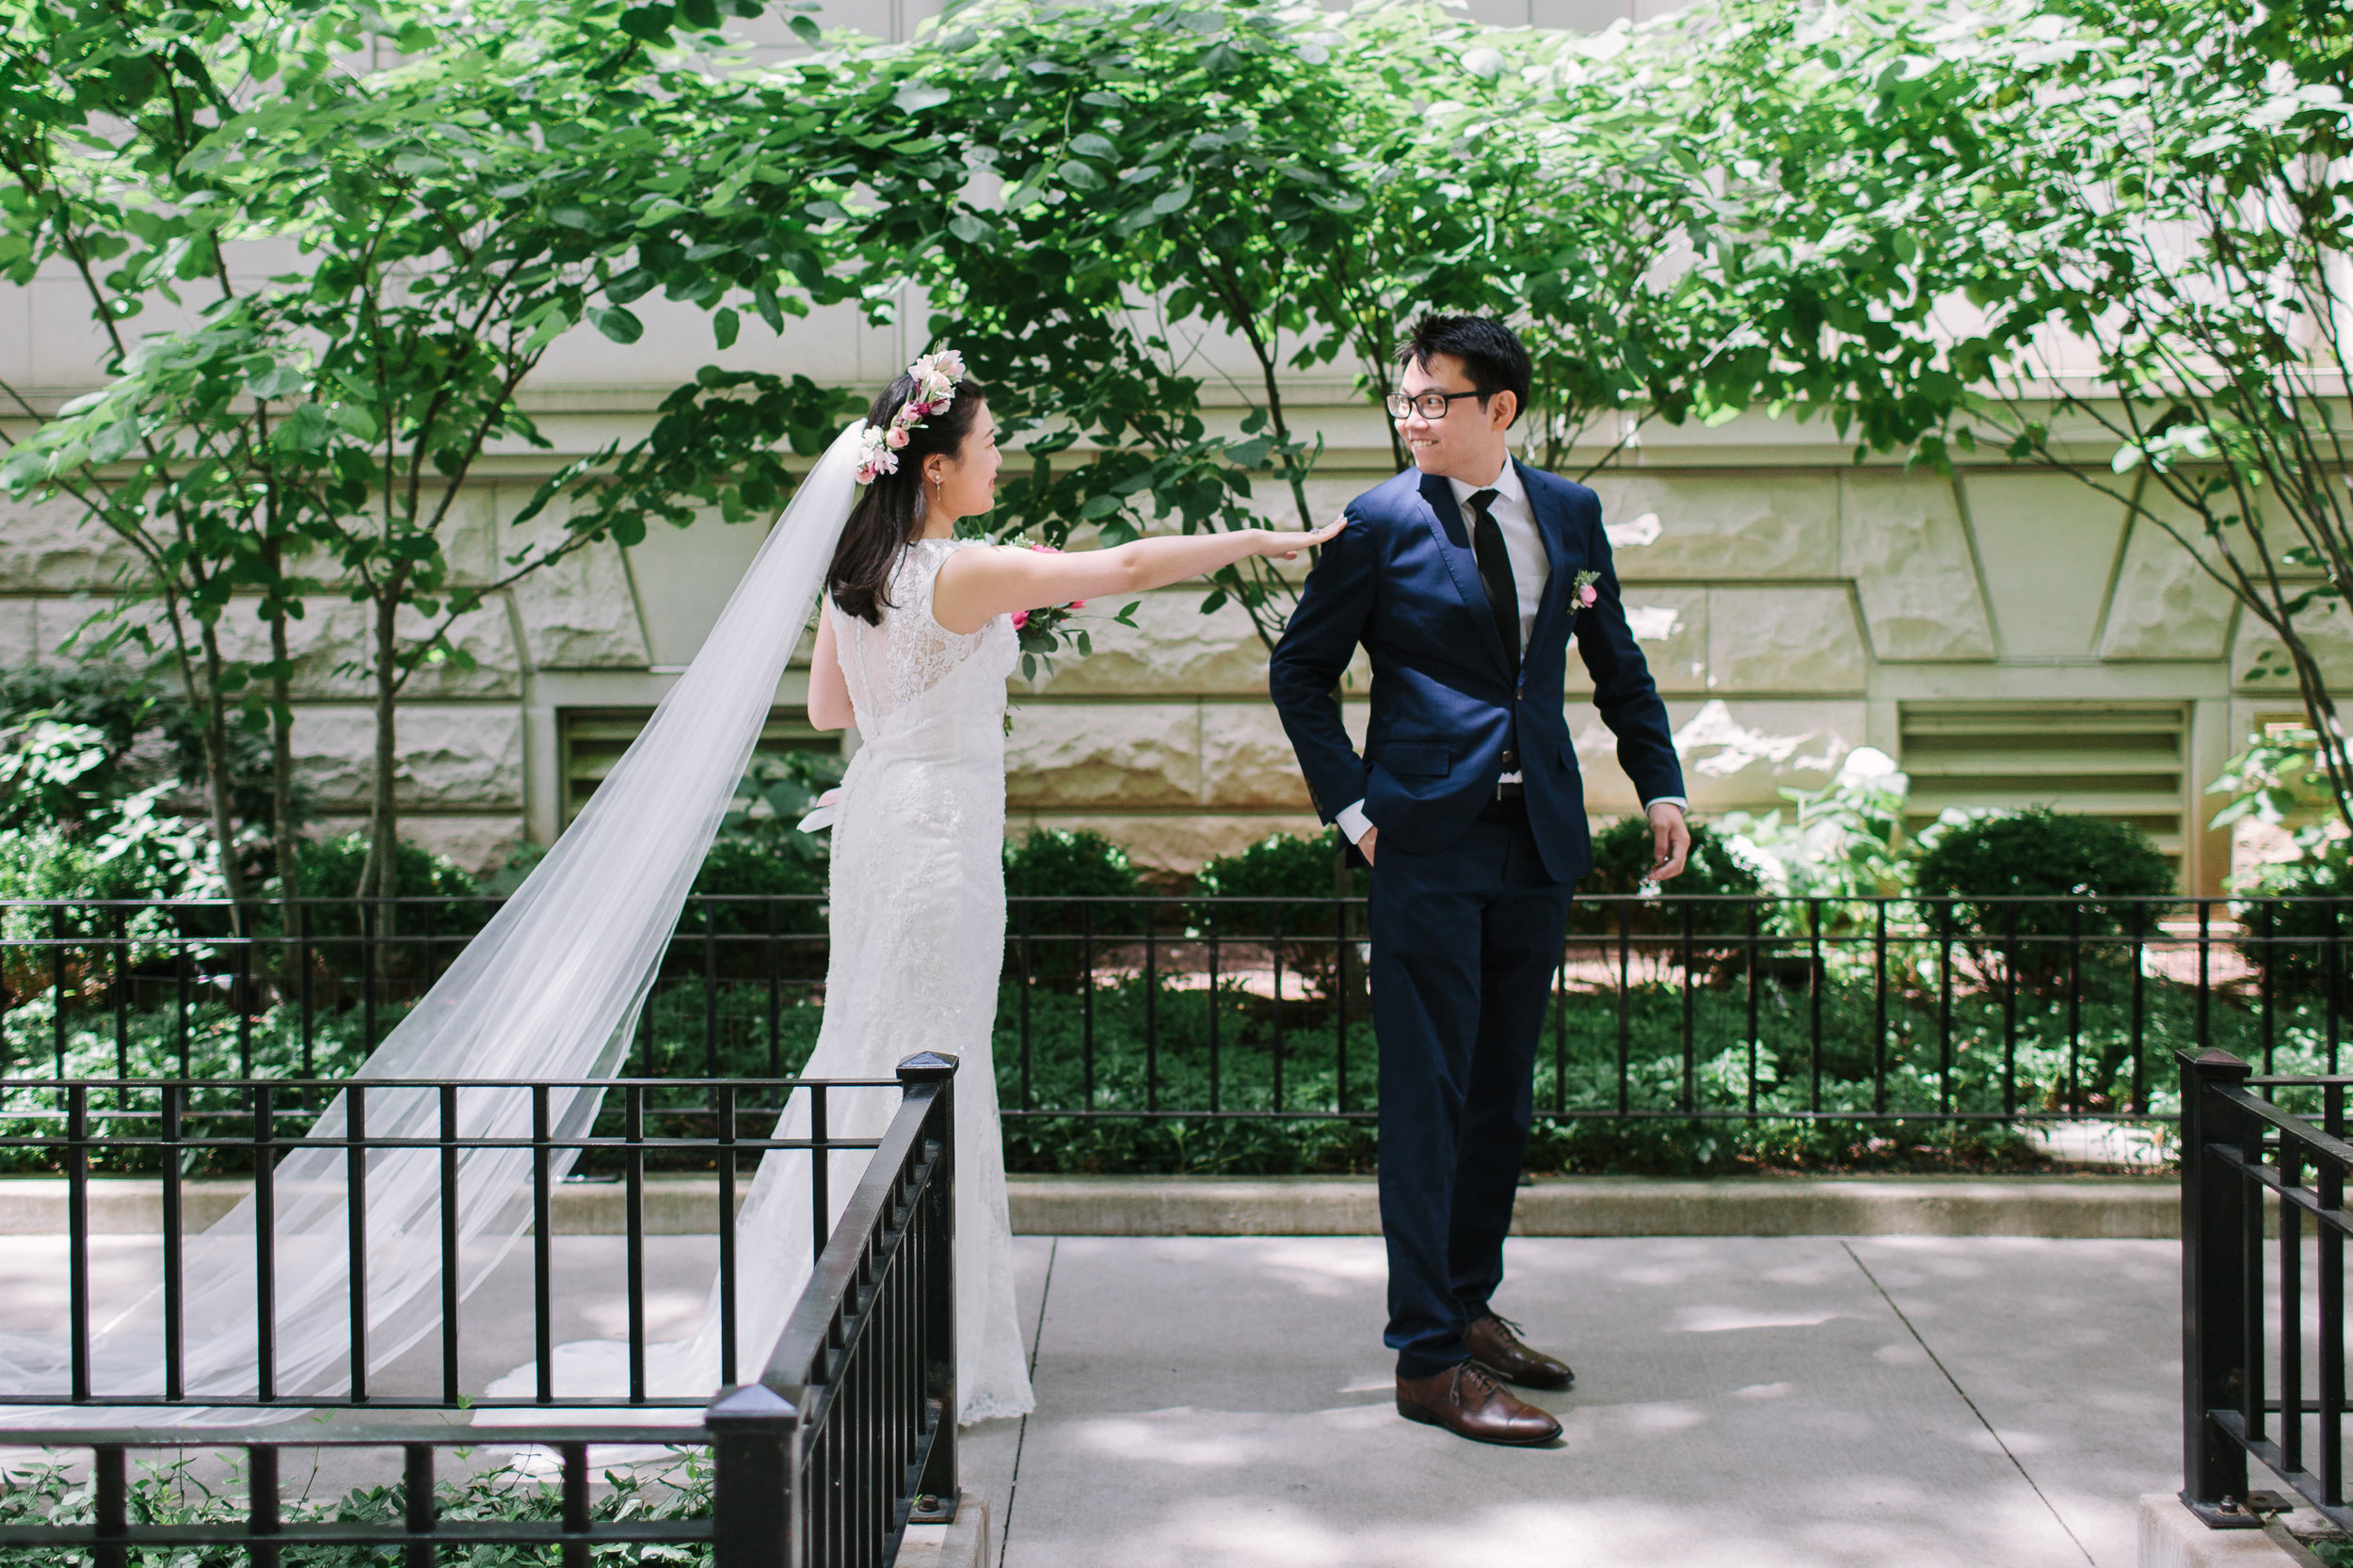 Nicodem Creative-Wang Wedding-Public Hotel Chicago-10.jpg